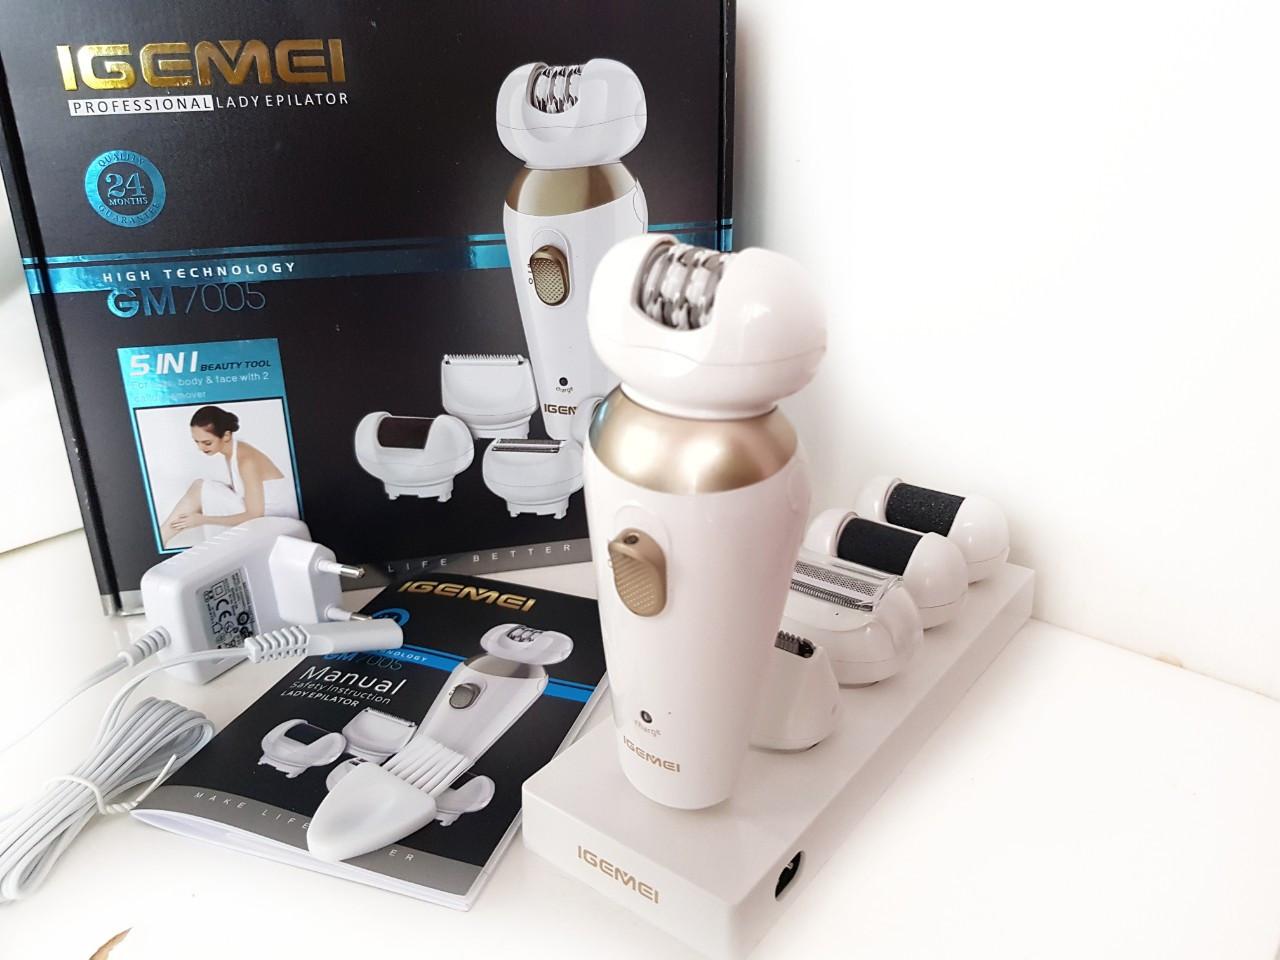 Эпилятор с насадками (5 в 1) Gemei GM-7005